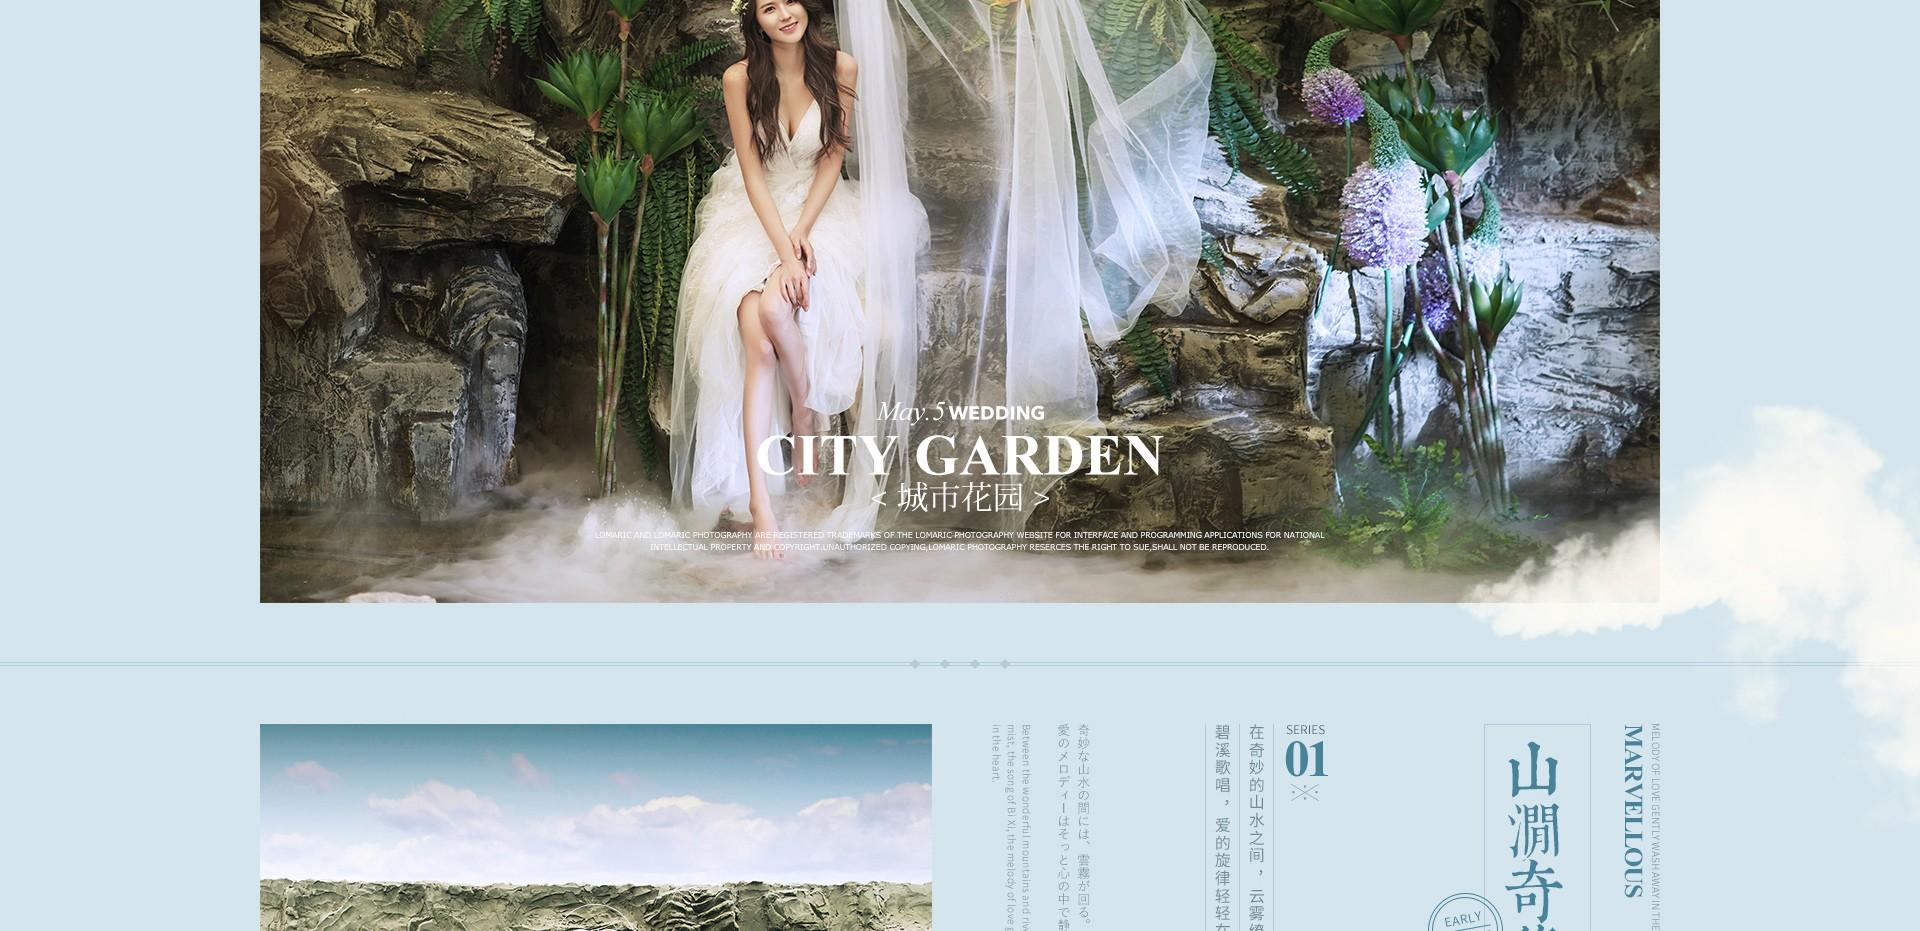 城市花园专题页设计5_04.jpg